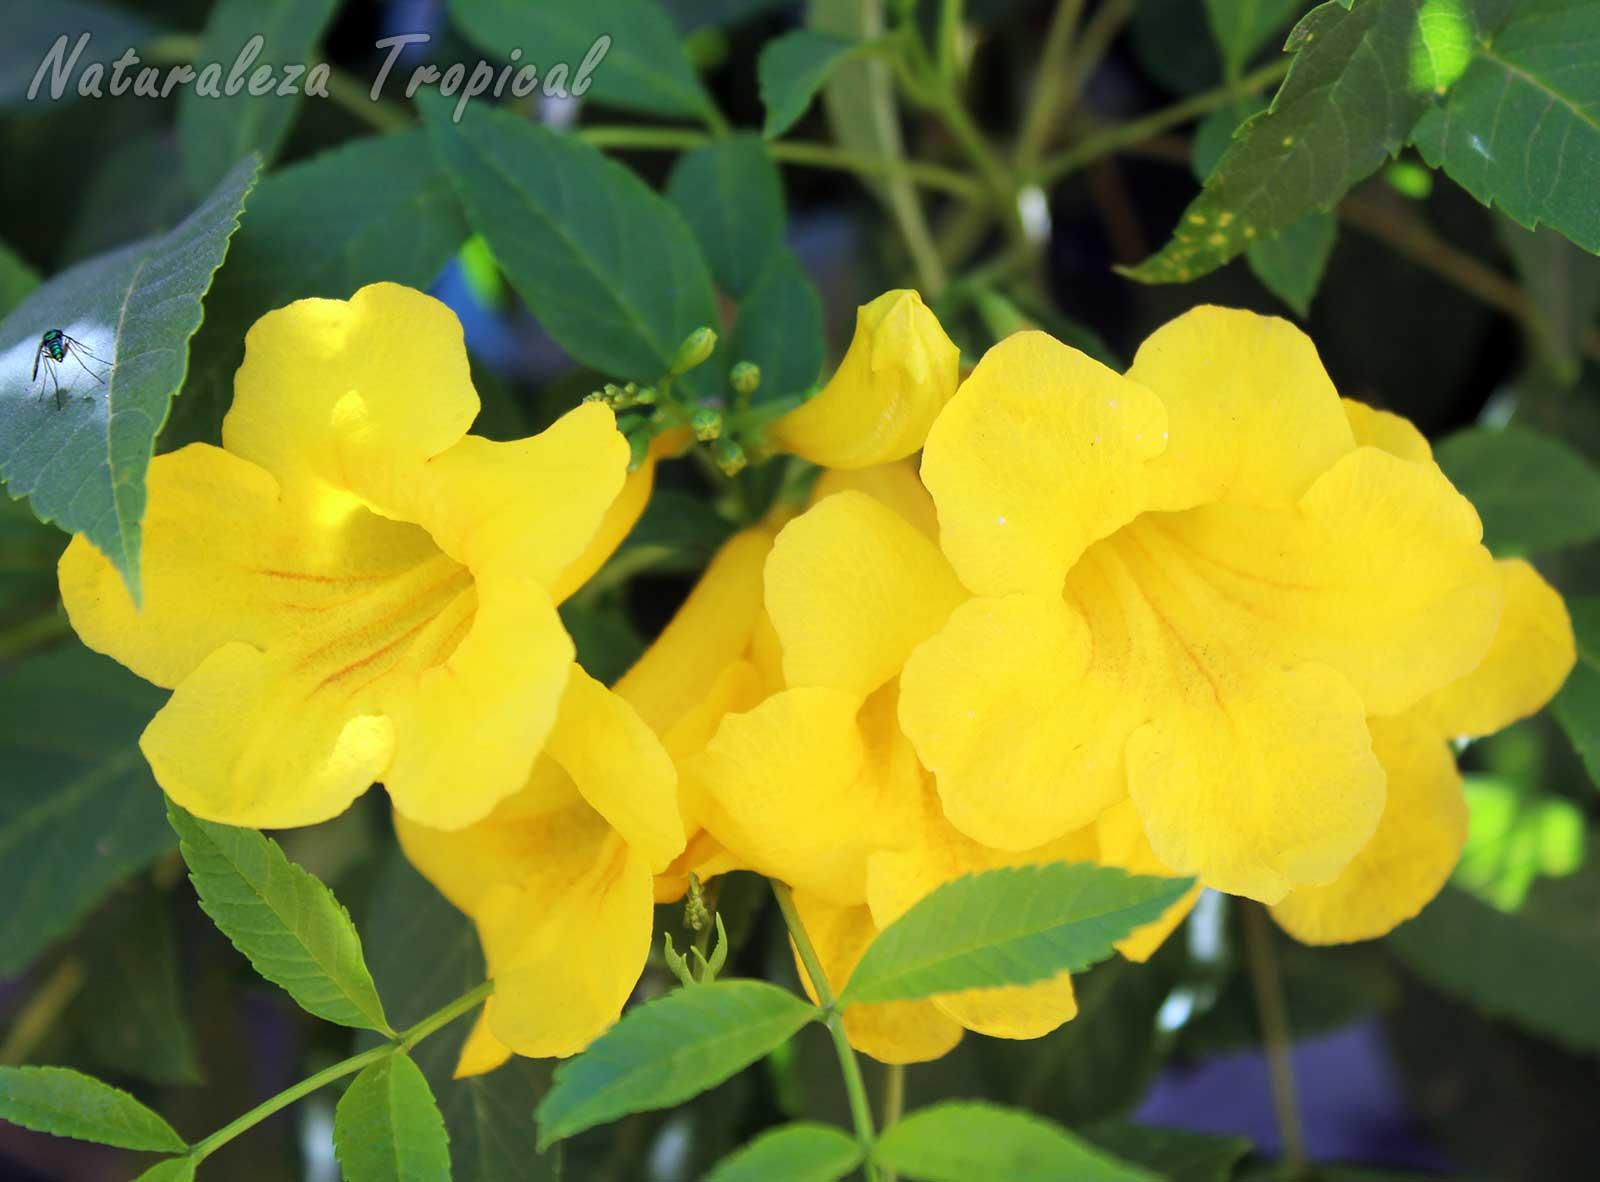 Flores características de la Bignonia amarilla, Tecoma stans